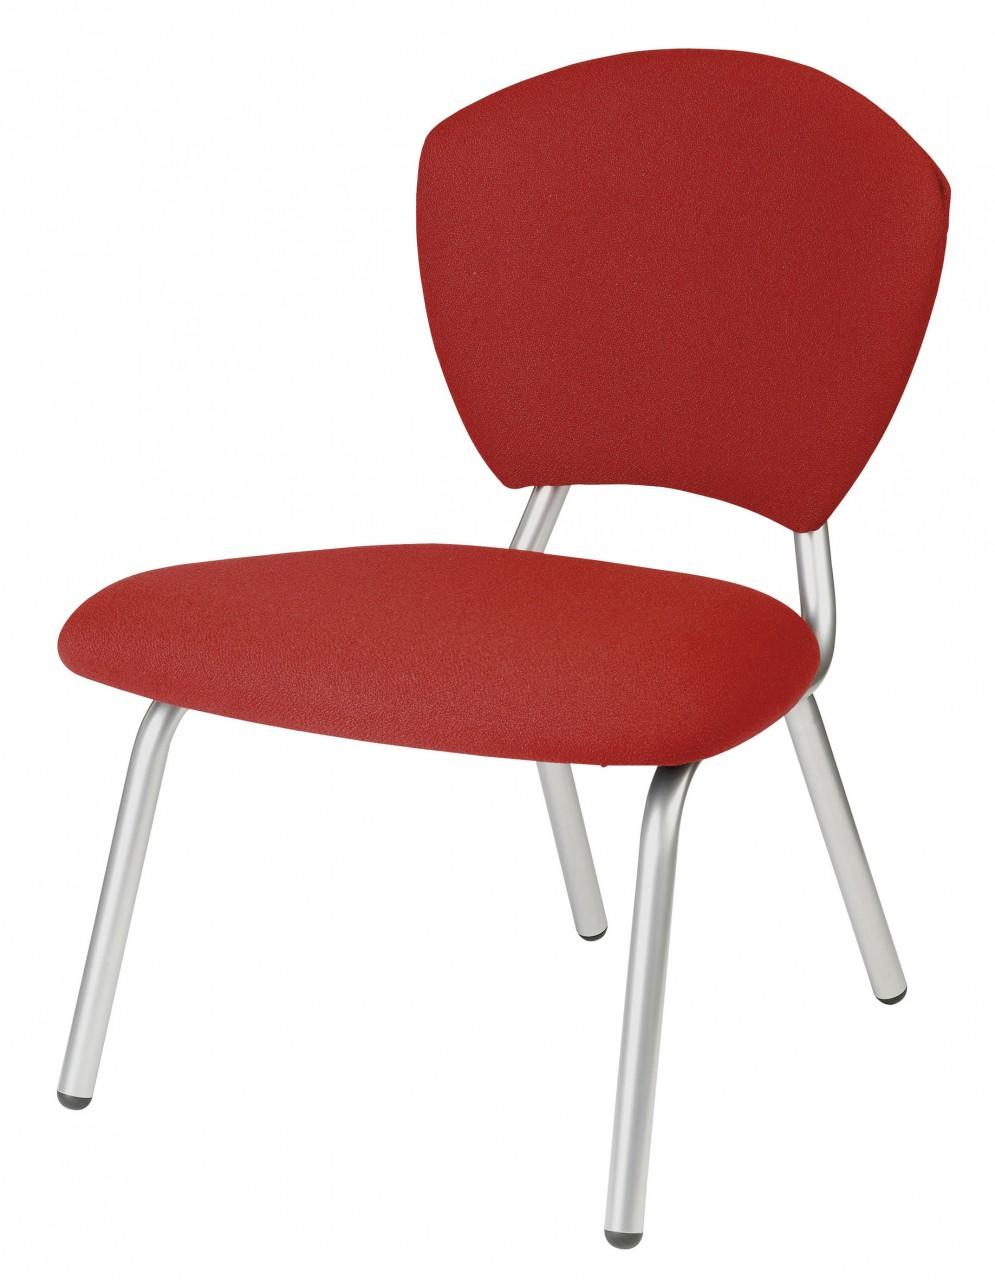 fauteuil d 39 accueil stell achat fauteuils d 39 accueil canap s chaises salle d 39 attente 197 00. Black Bedroom Furniture Sets. Home Design Ideas